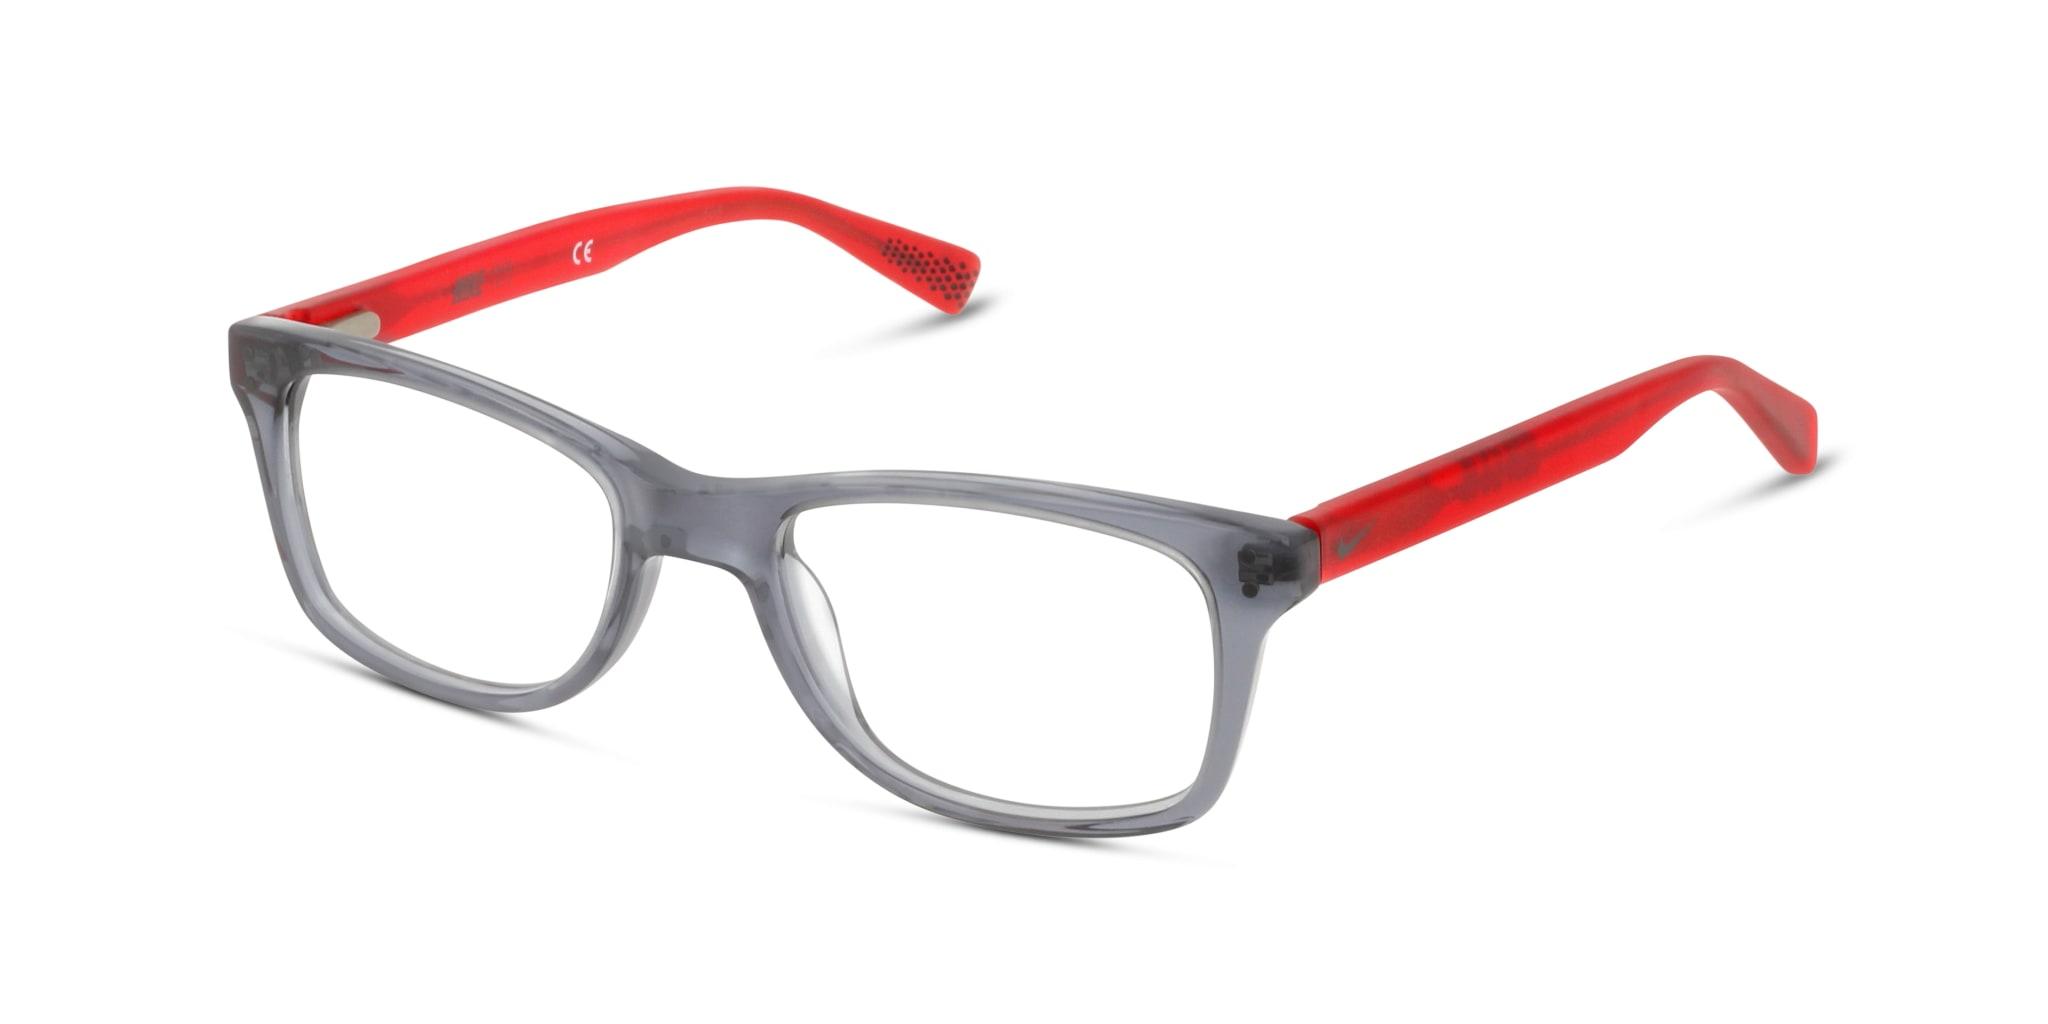 886895285476-angle-03-nike-nike_5538-eyewear-anthracite-red_1